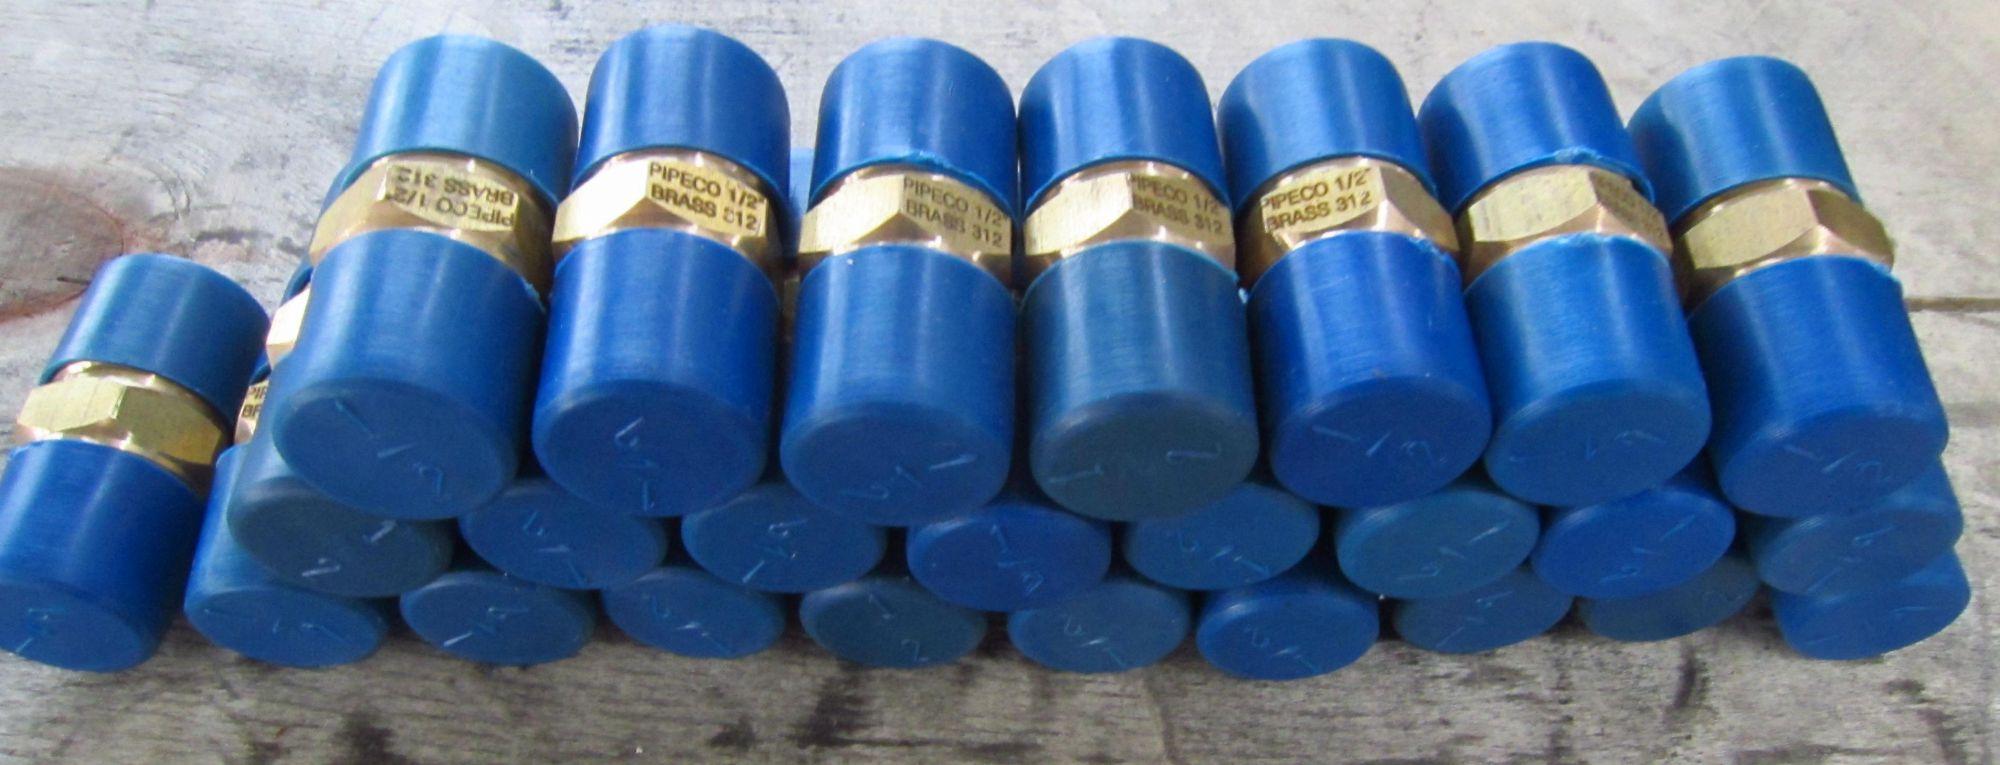 ГОСТ 8958-75 бронзовый шестигранный ниппель, DN (Dy) 15 мм, 3000 LB